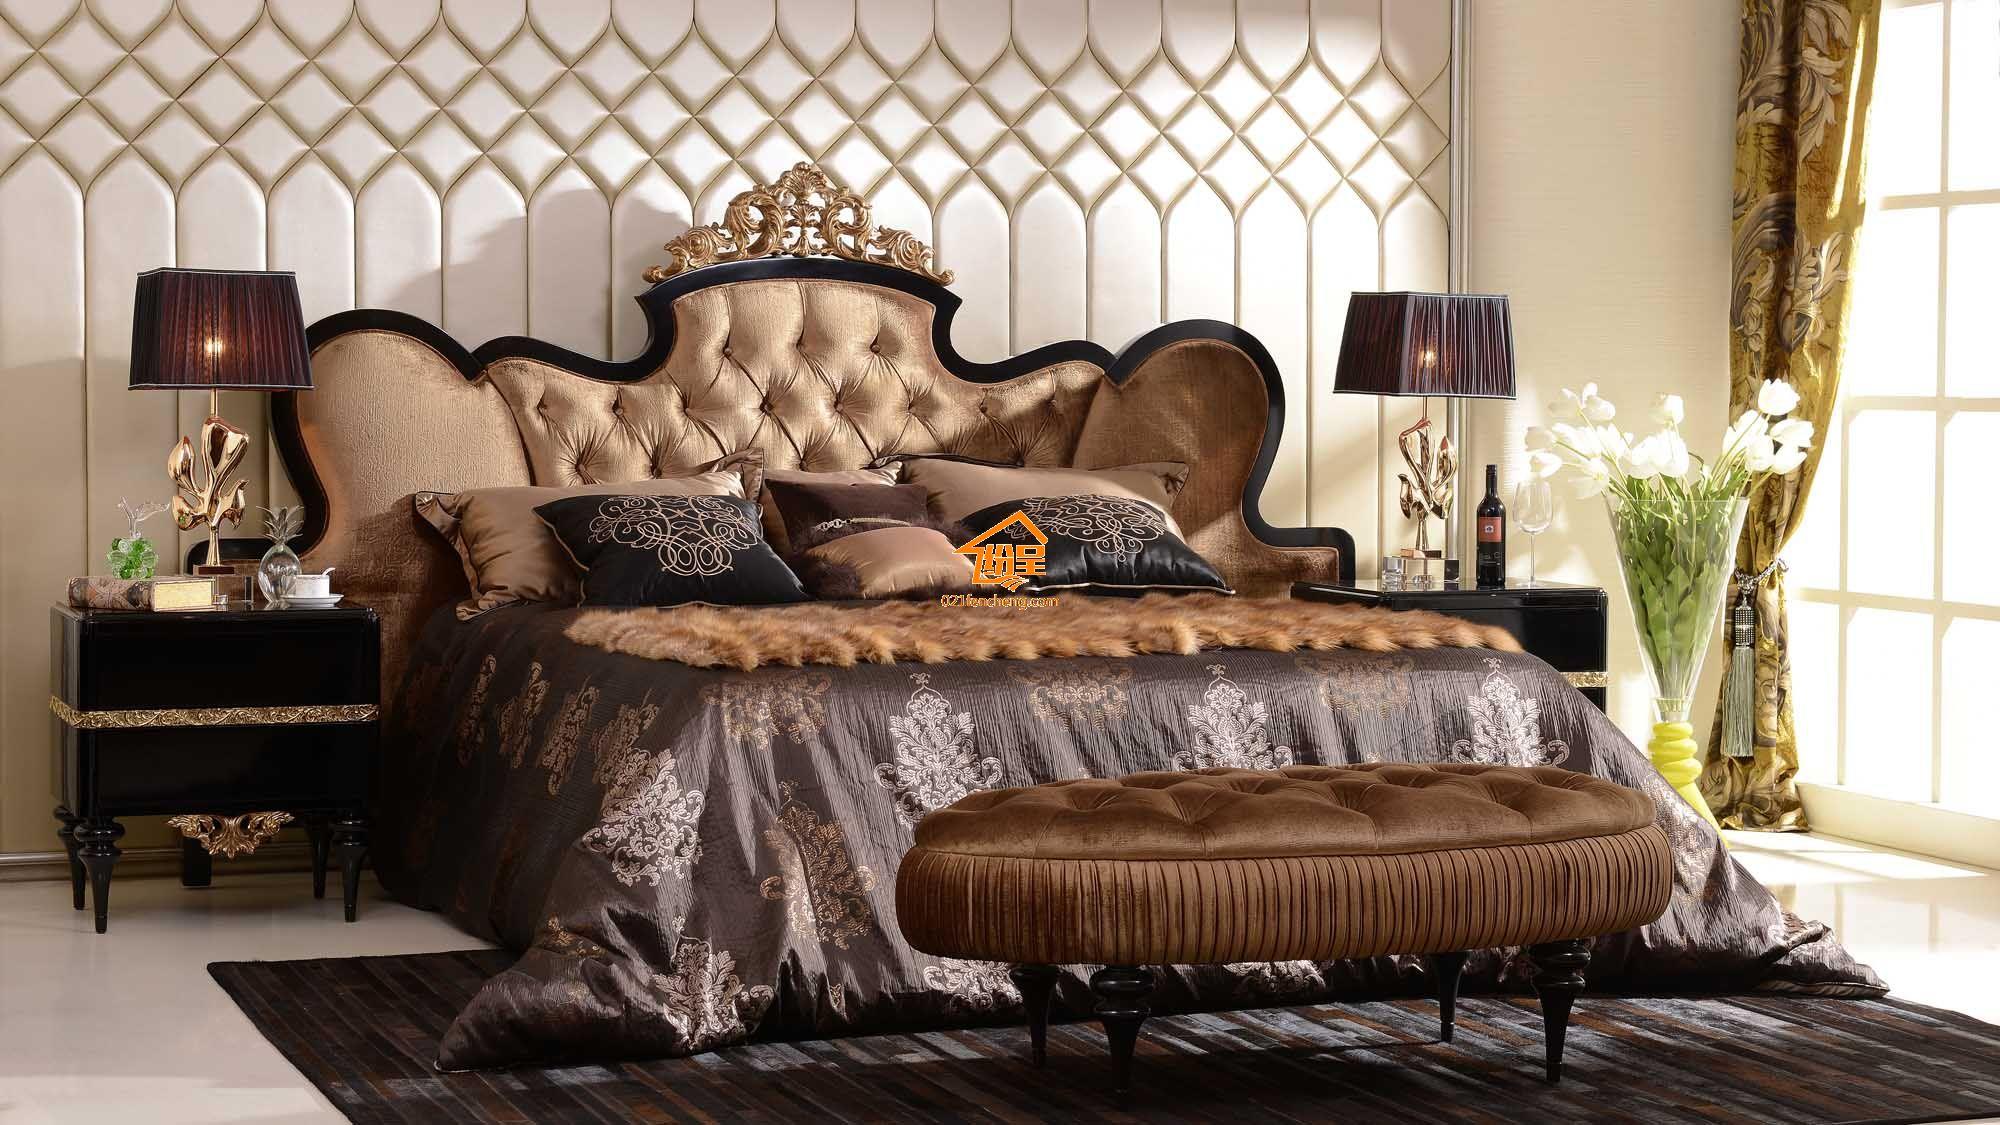 哪个牌子的欧式家具做的比较好?-欧式家具都有哪些?